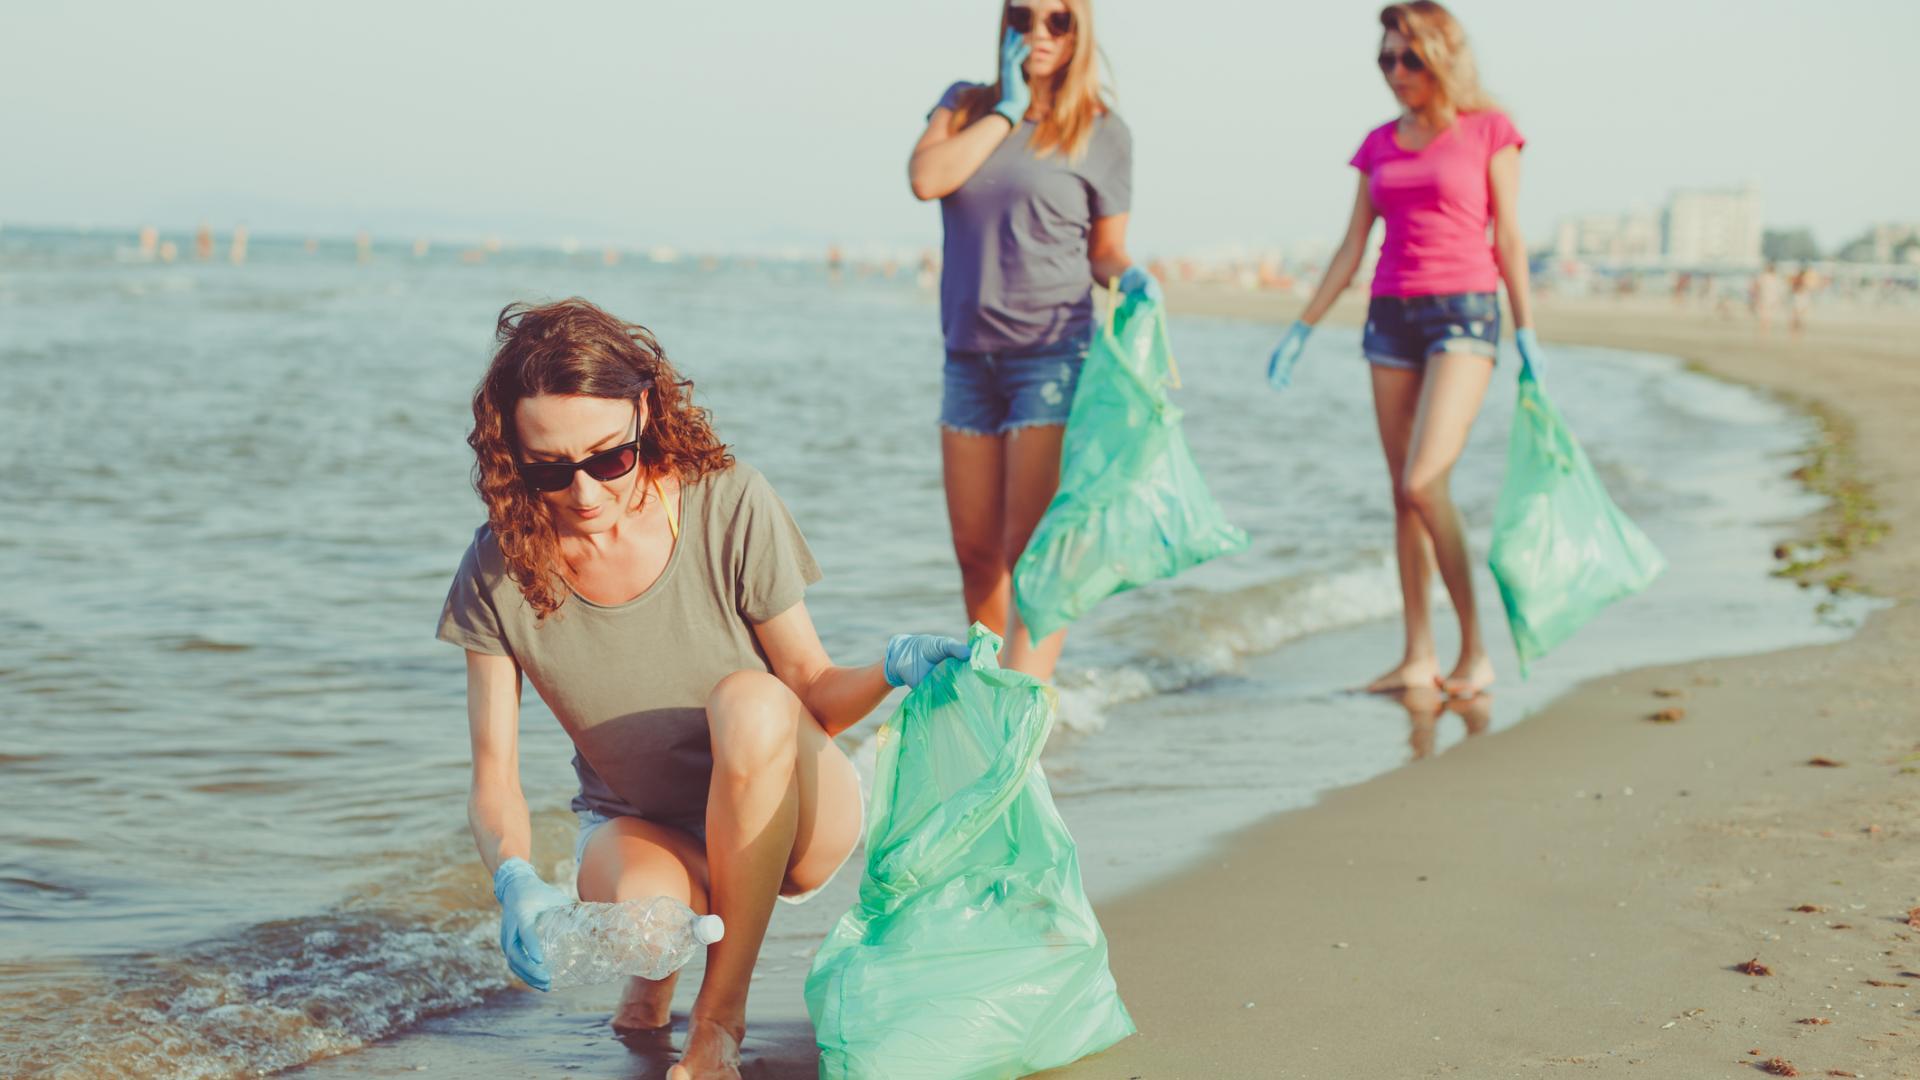 Frauen sammeln Plastik am Strand